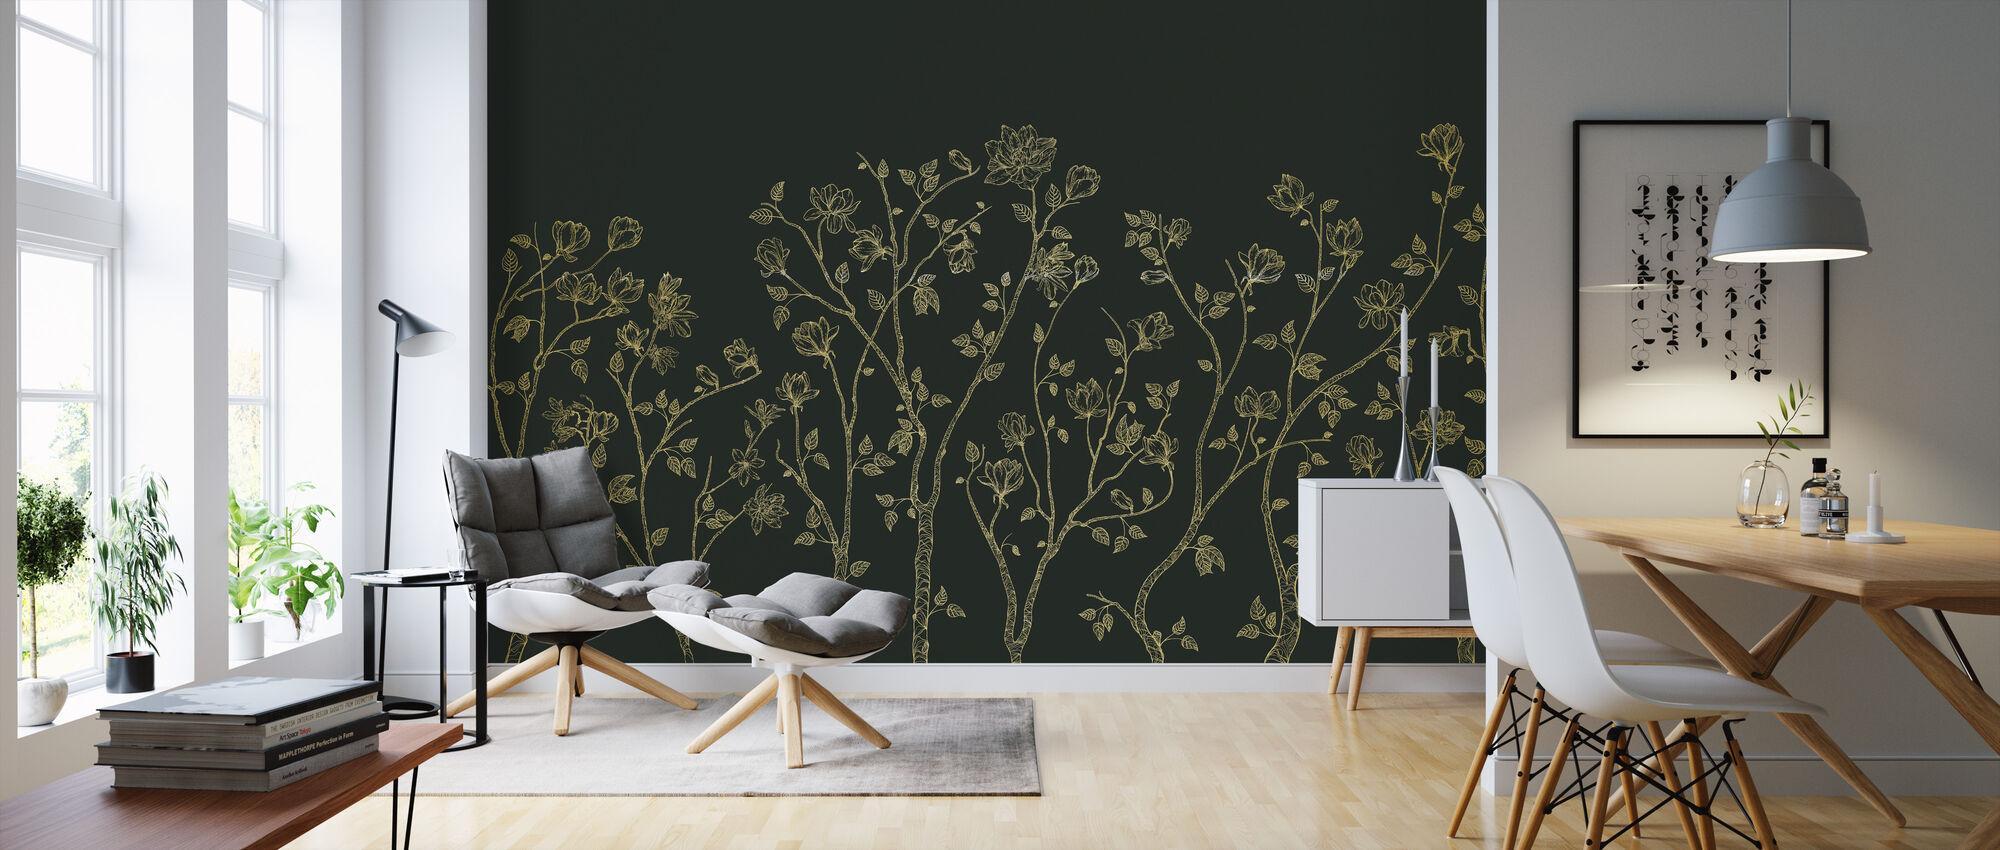 Crescent Vegetative - Green - Wallpaper - Living Room